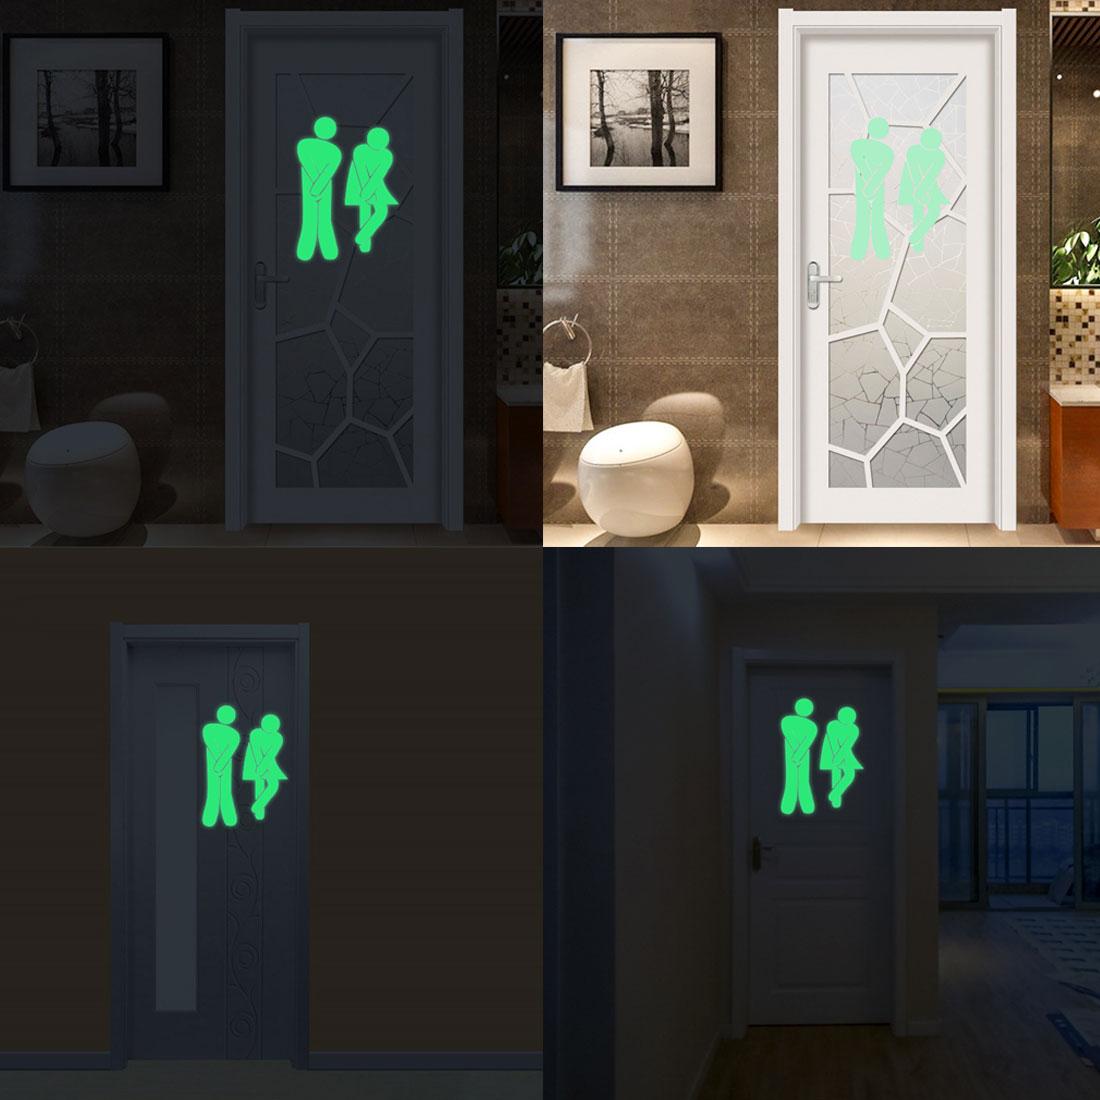 Waterproof Luminous Toilet Sticker Glow In The Dark Bathroom Door Sign Sticker WC Wall DIY Indicator Label